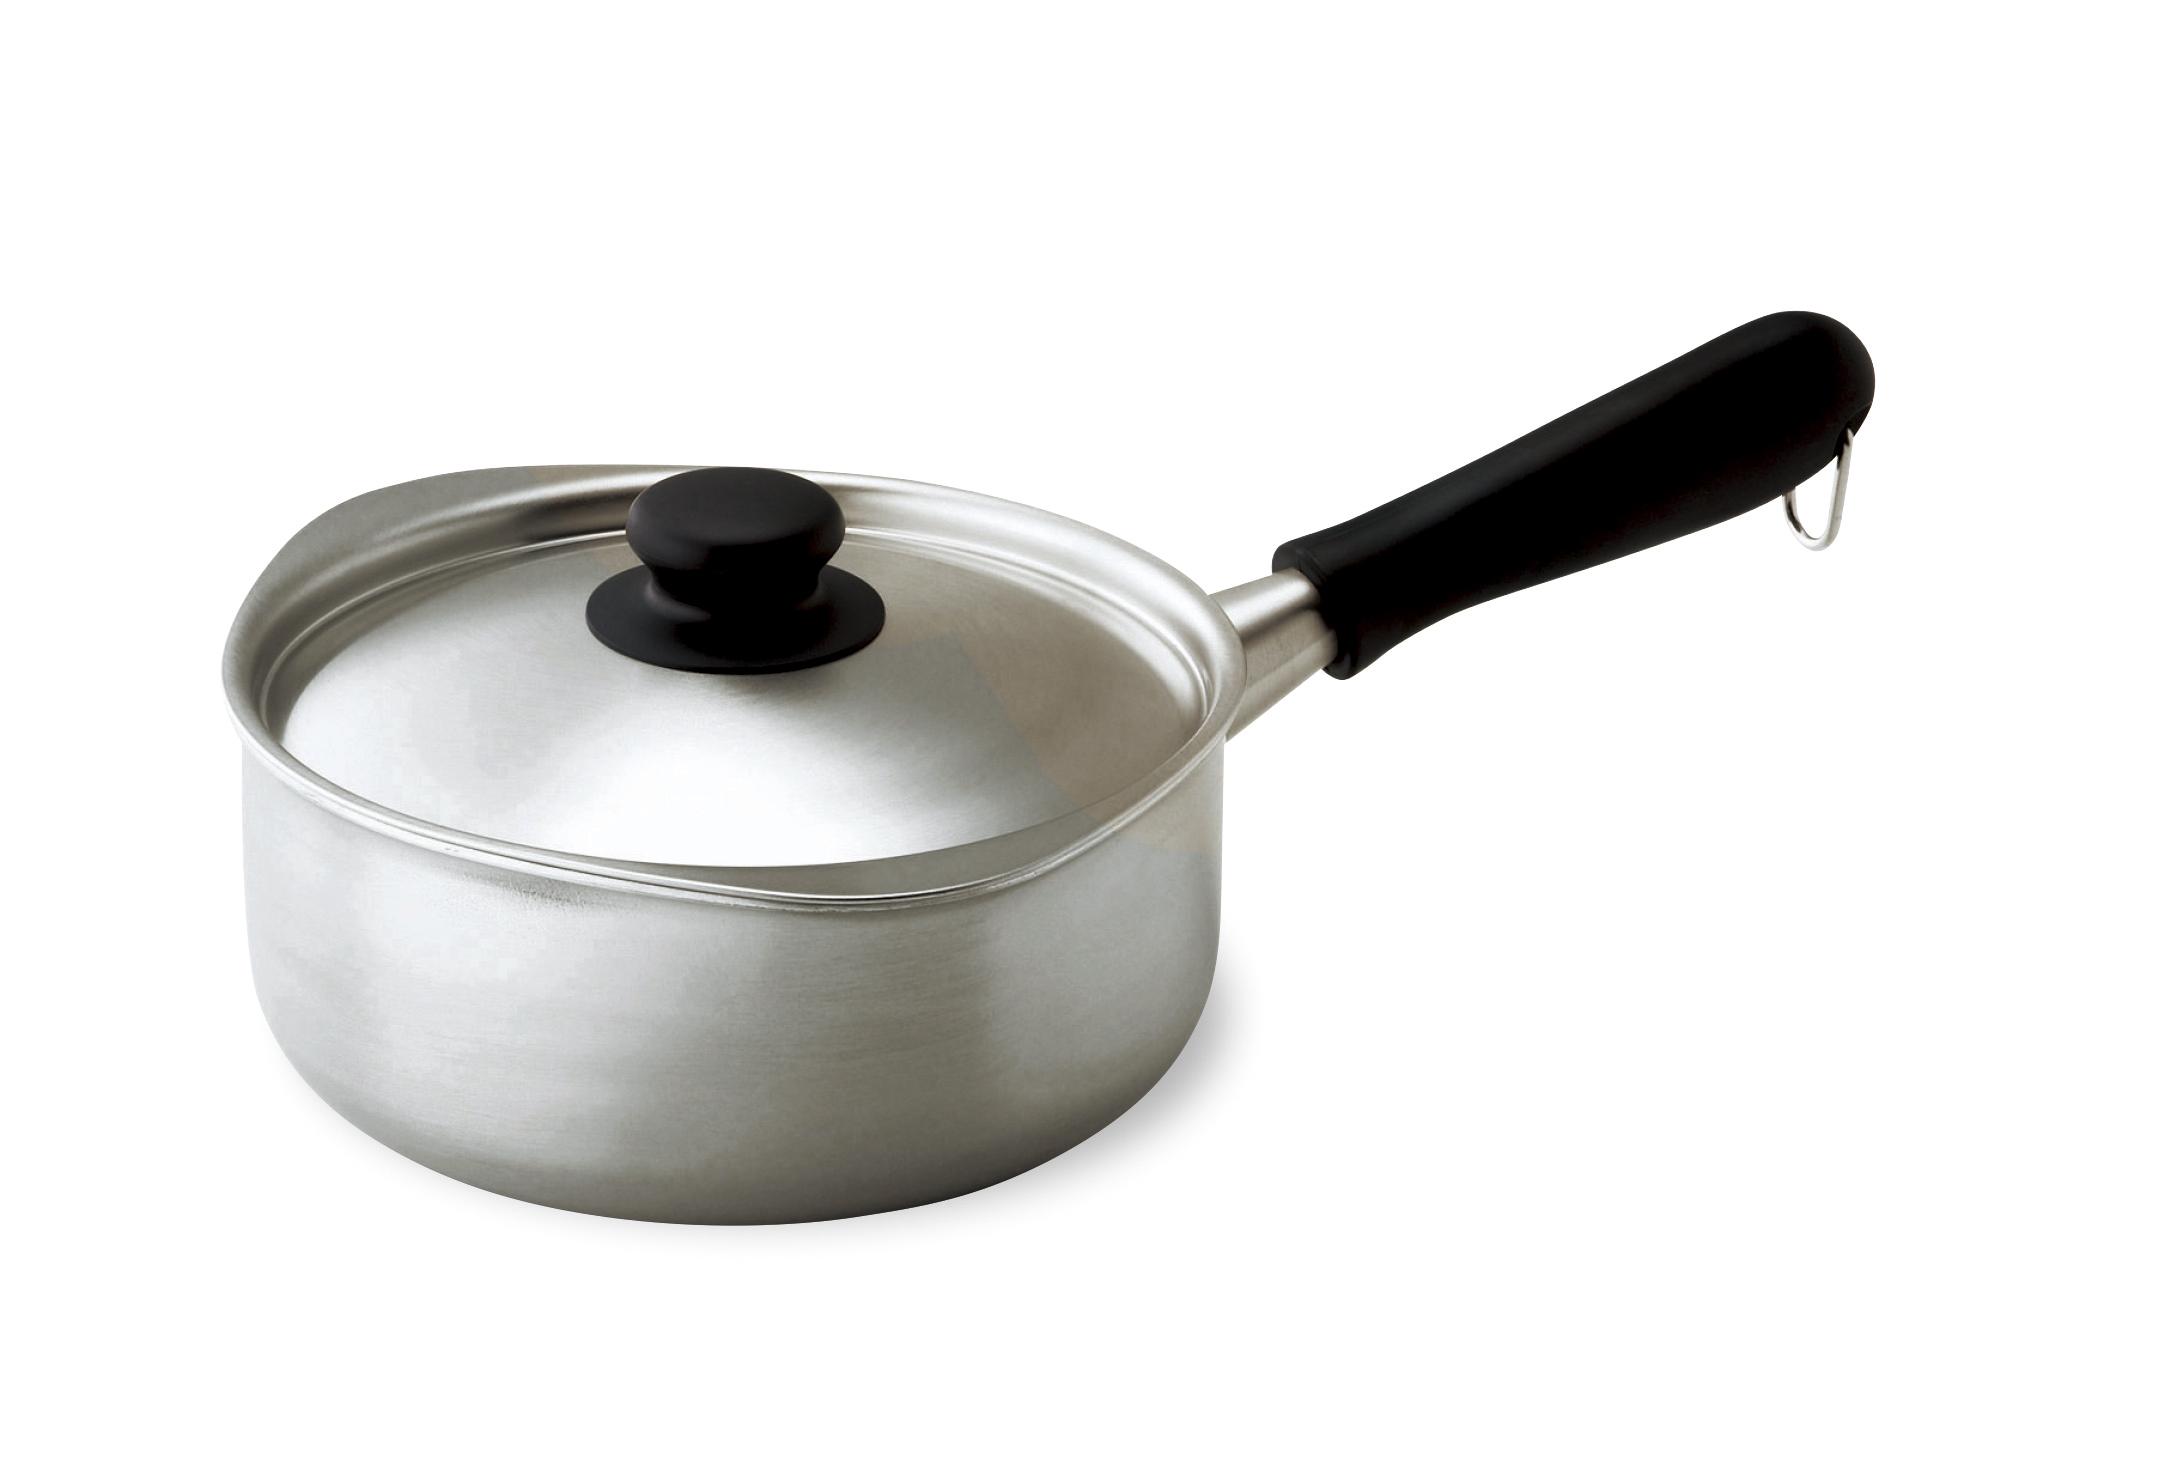 【柳宗理】 三層鋼片手鍋18cm 約18×21×高さ8.2cm・満水容量2L・重量約1.1kg